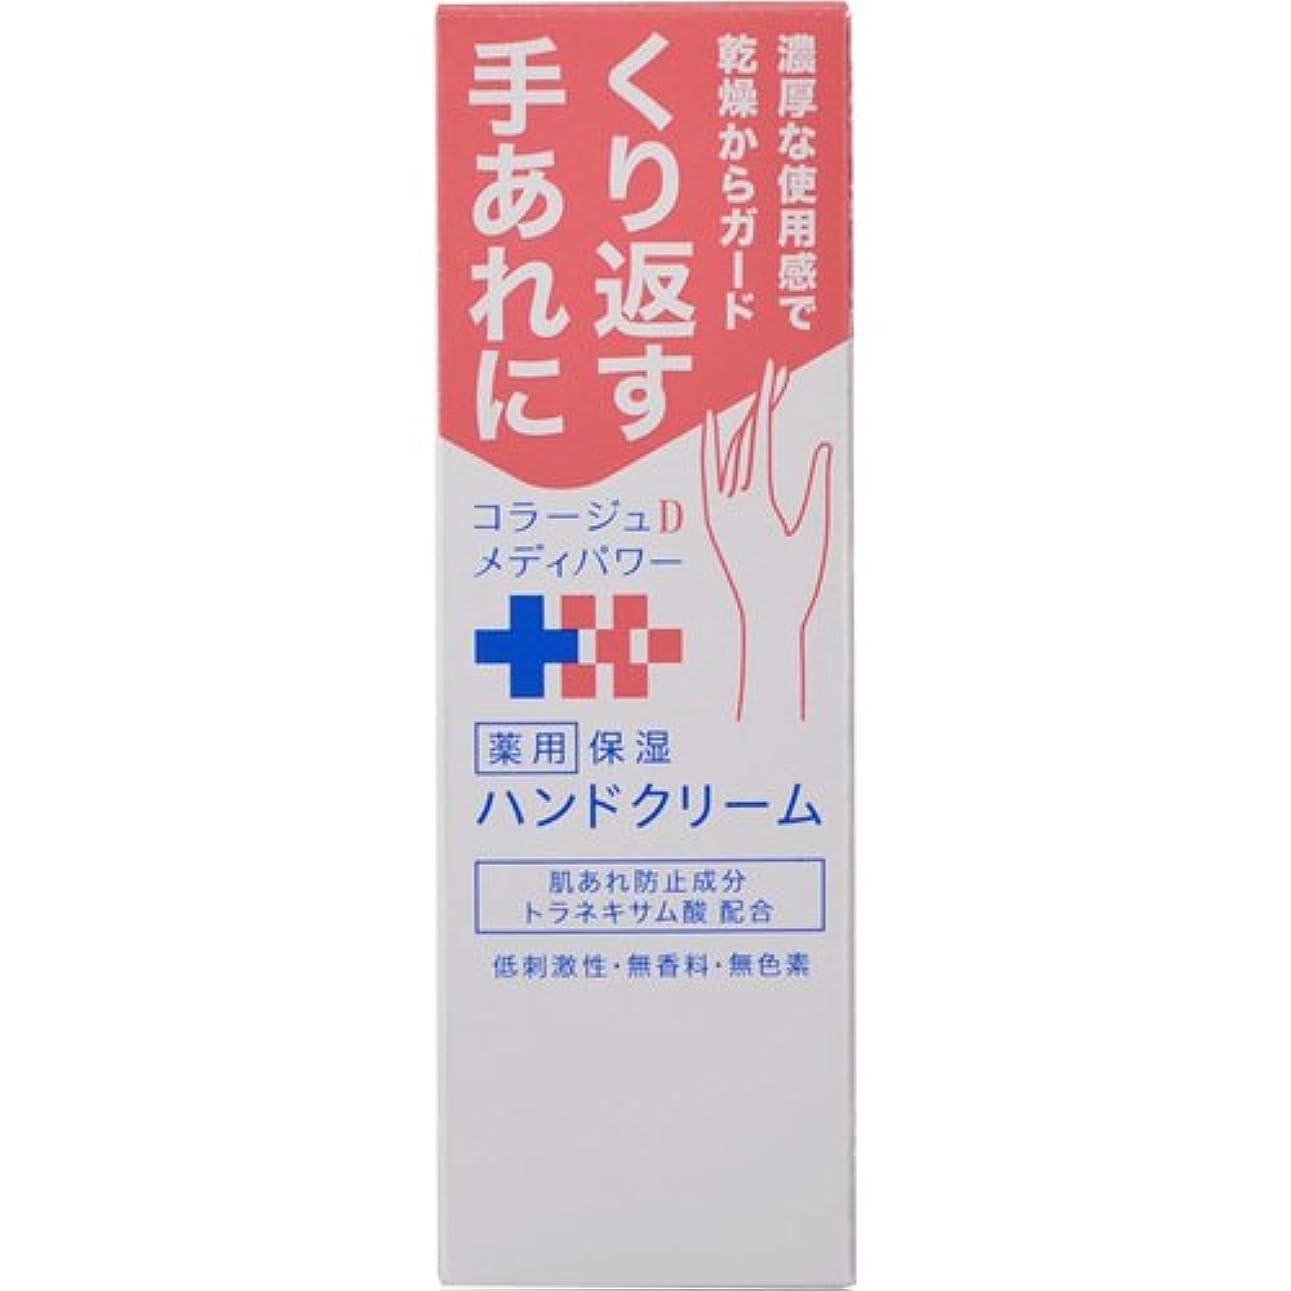 土器懐疑論障害者コラージュ D メディパワー 保湿ハンドクリーム 30g 【医薬部外品】